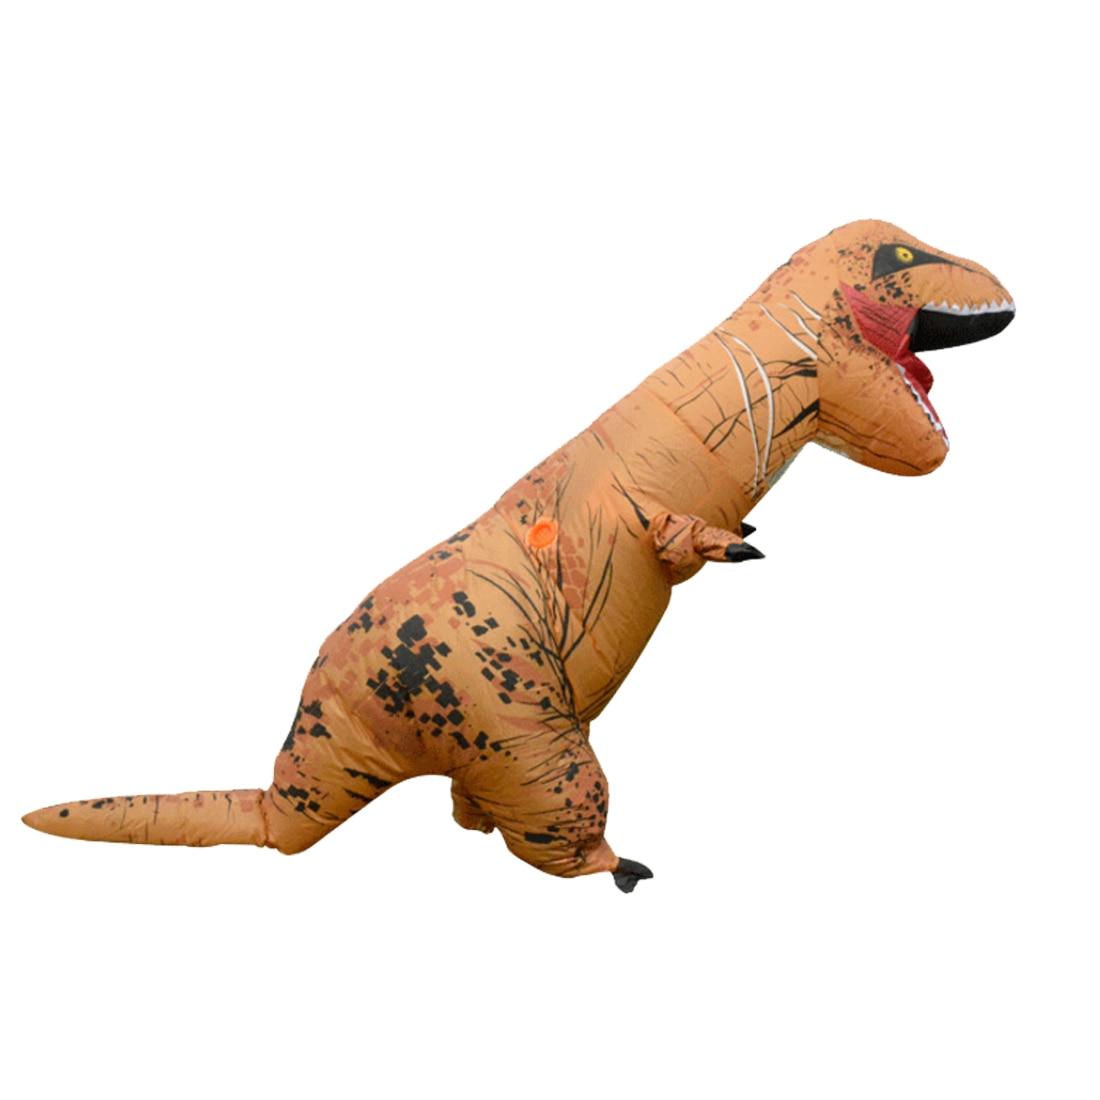 Rowsfire 1 stücke Aufblasbare Trex Tyrannosaurus Kostüm Phantasie party Kleid für 1,68 1,85 m erwachsene kreative geschenk partei versorgung-in Weiteres Berufsspielzeug aus Spielzeug und Hobbys bei  Gruppe 1